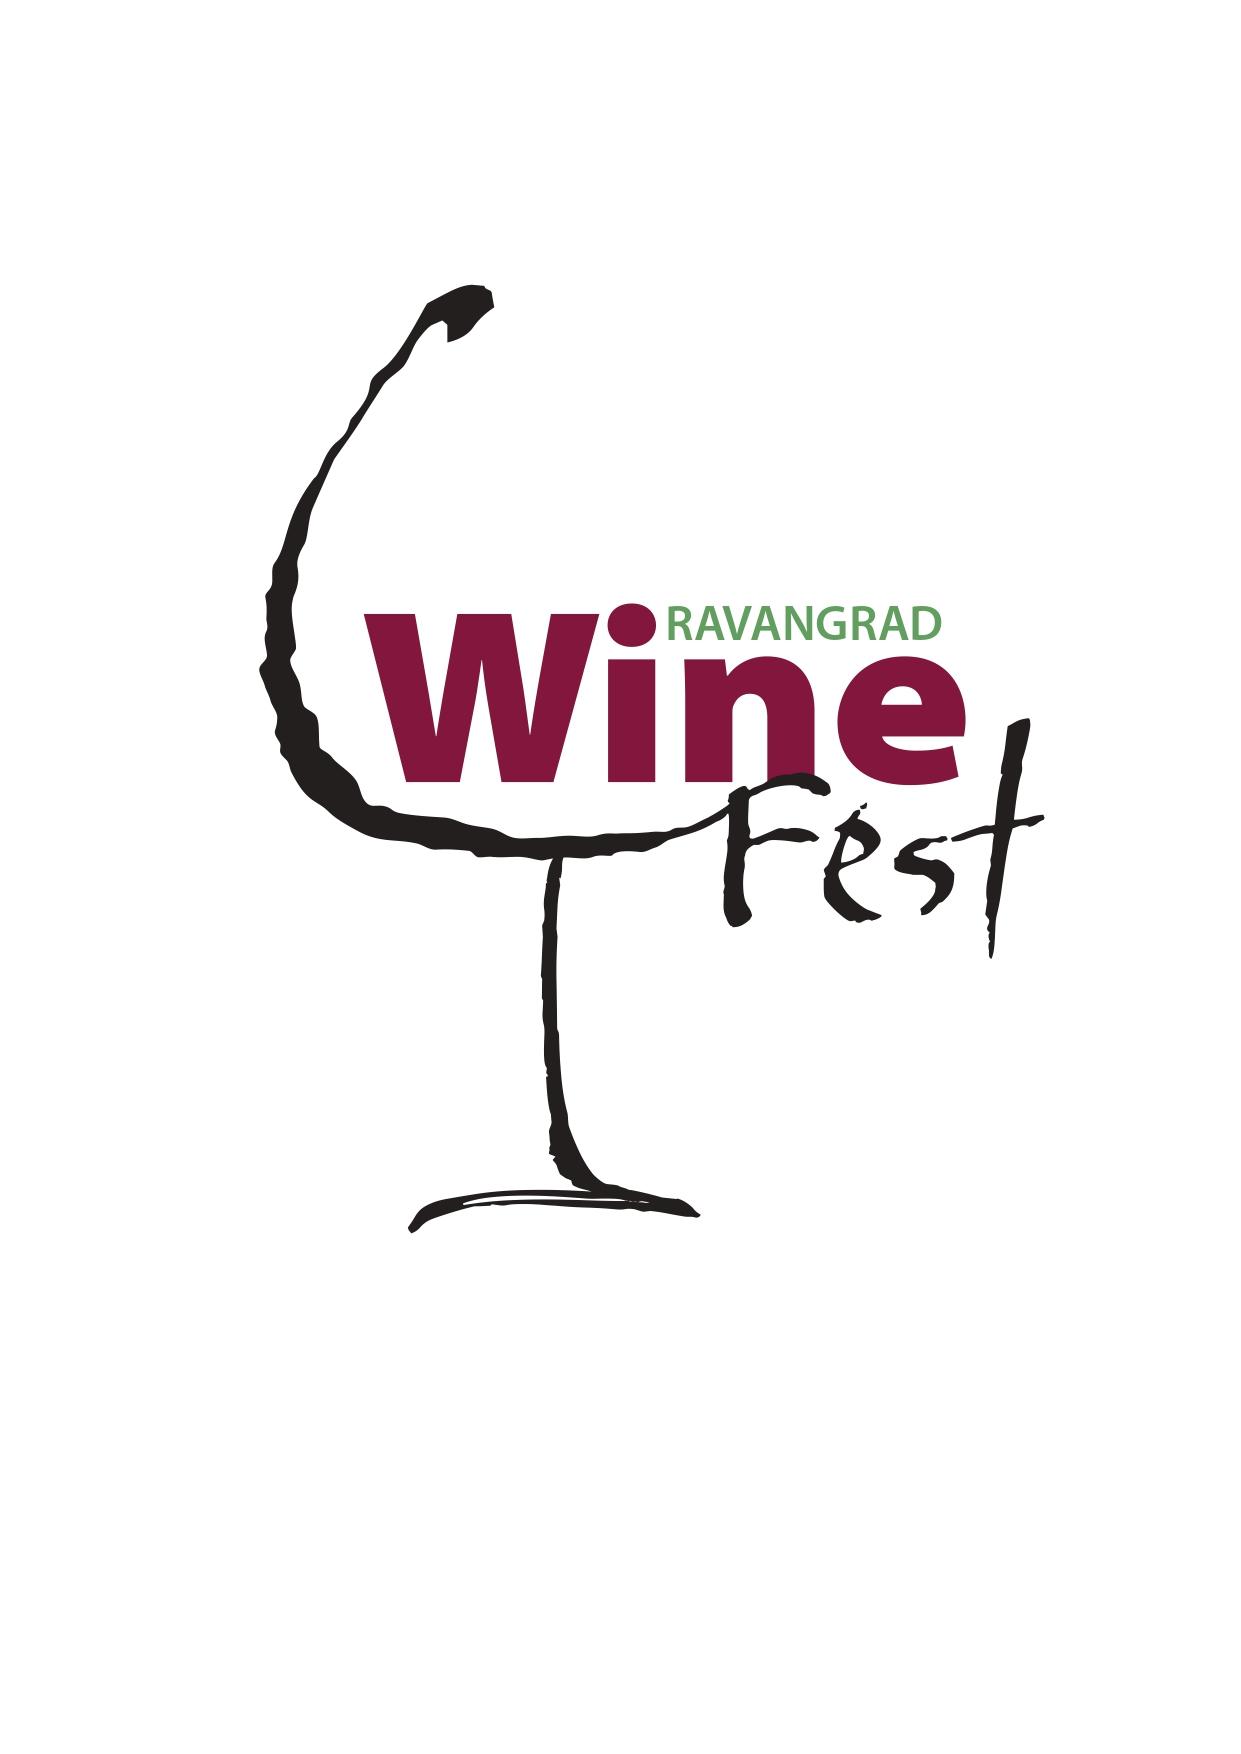 ravangrad_wine_fest_logo